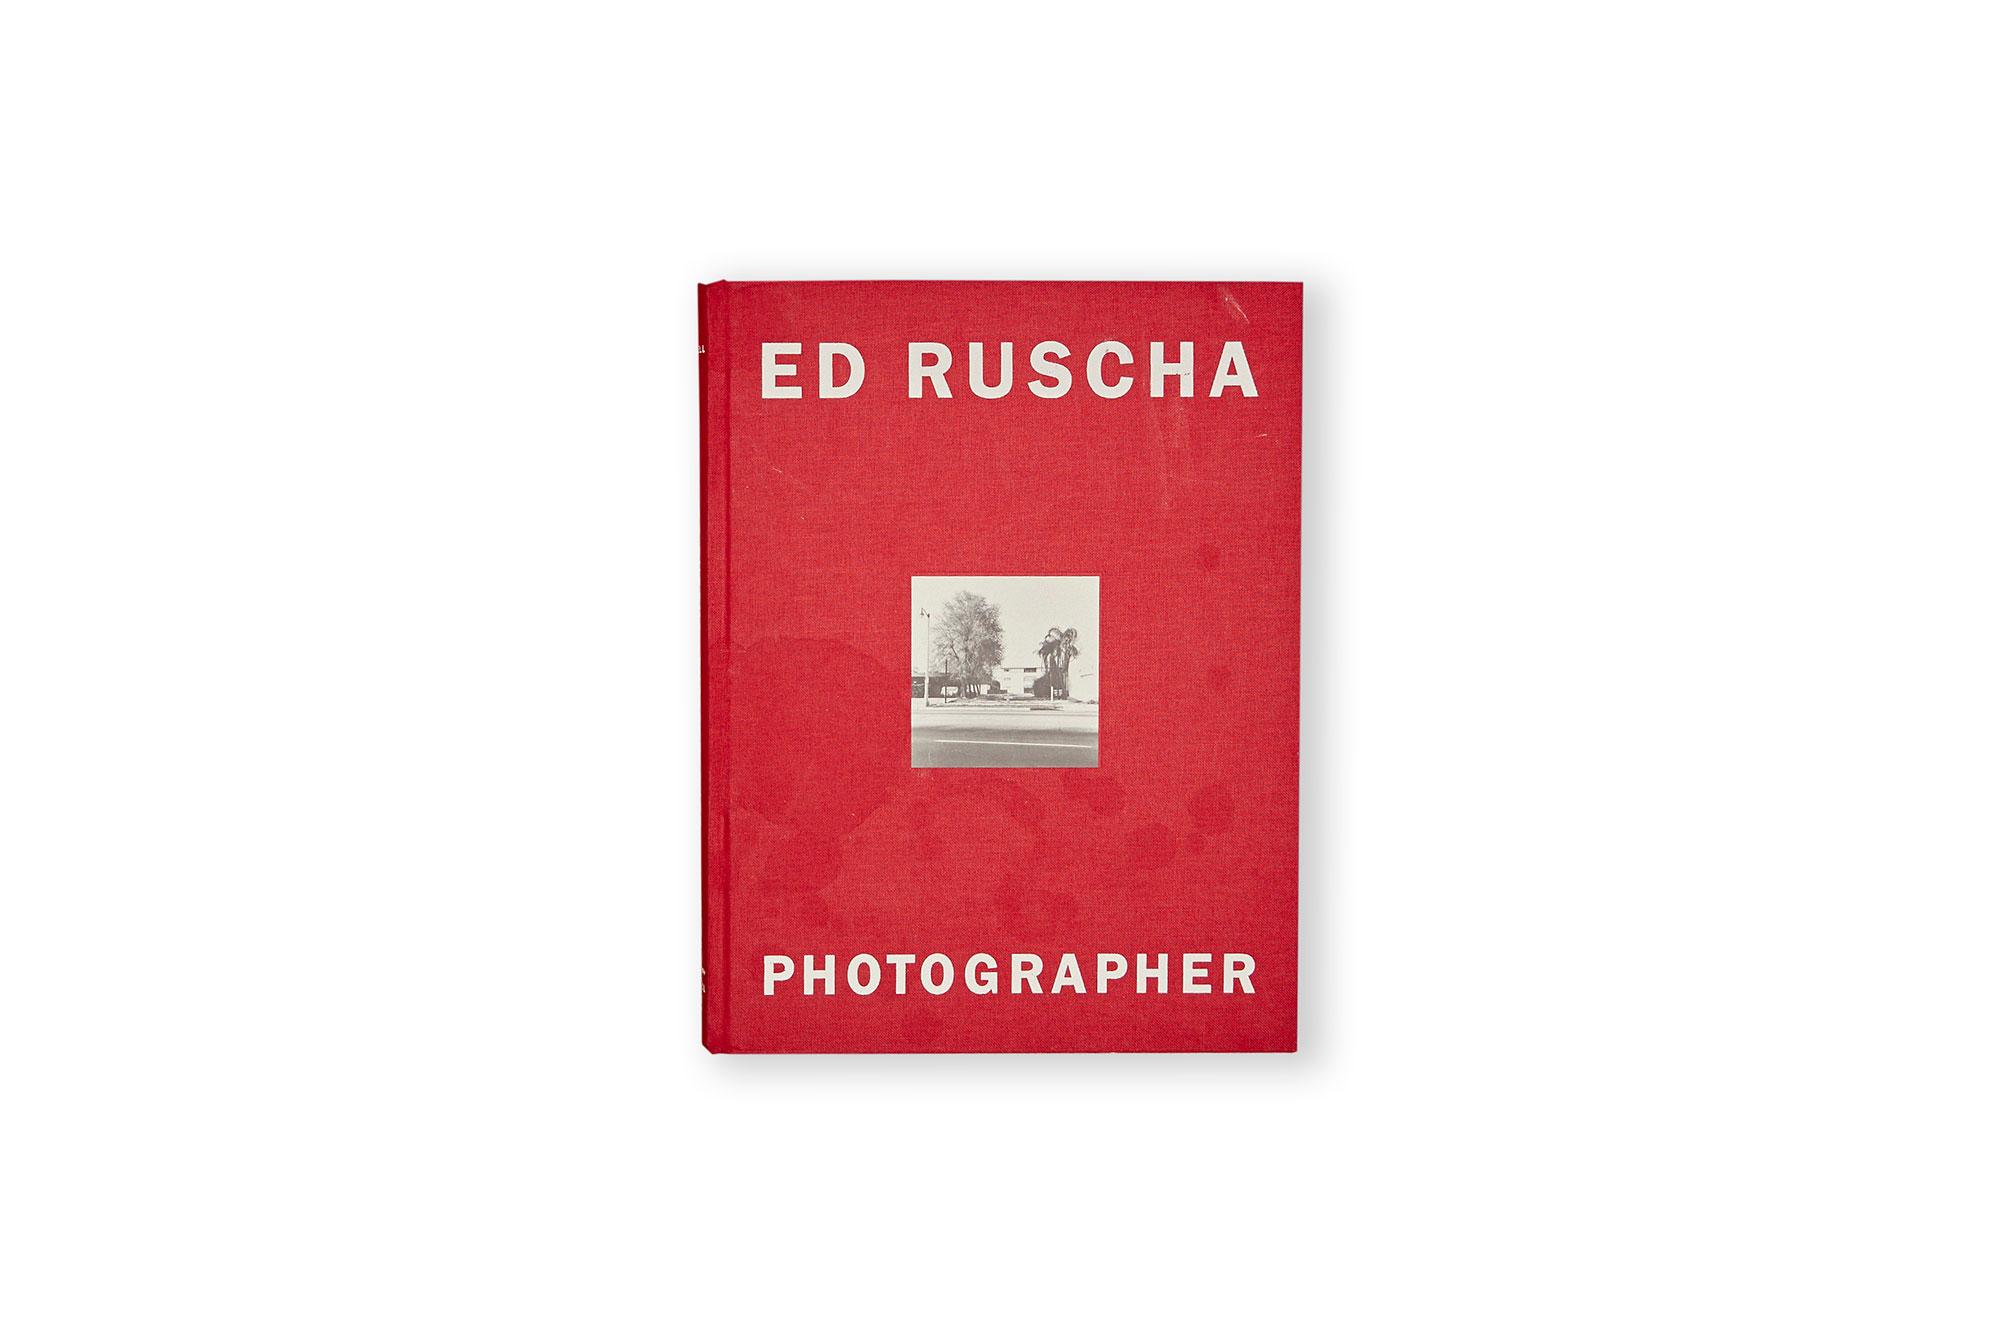 PHOTOGRAPHER, ed rushca.